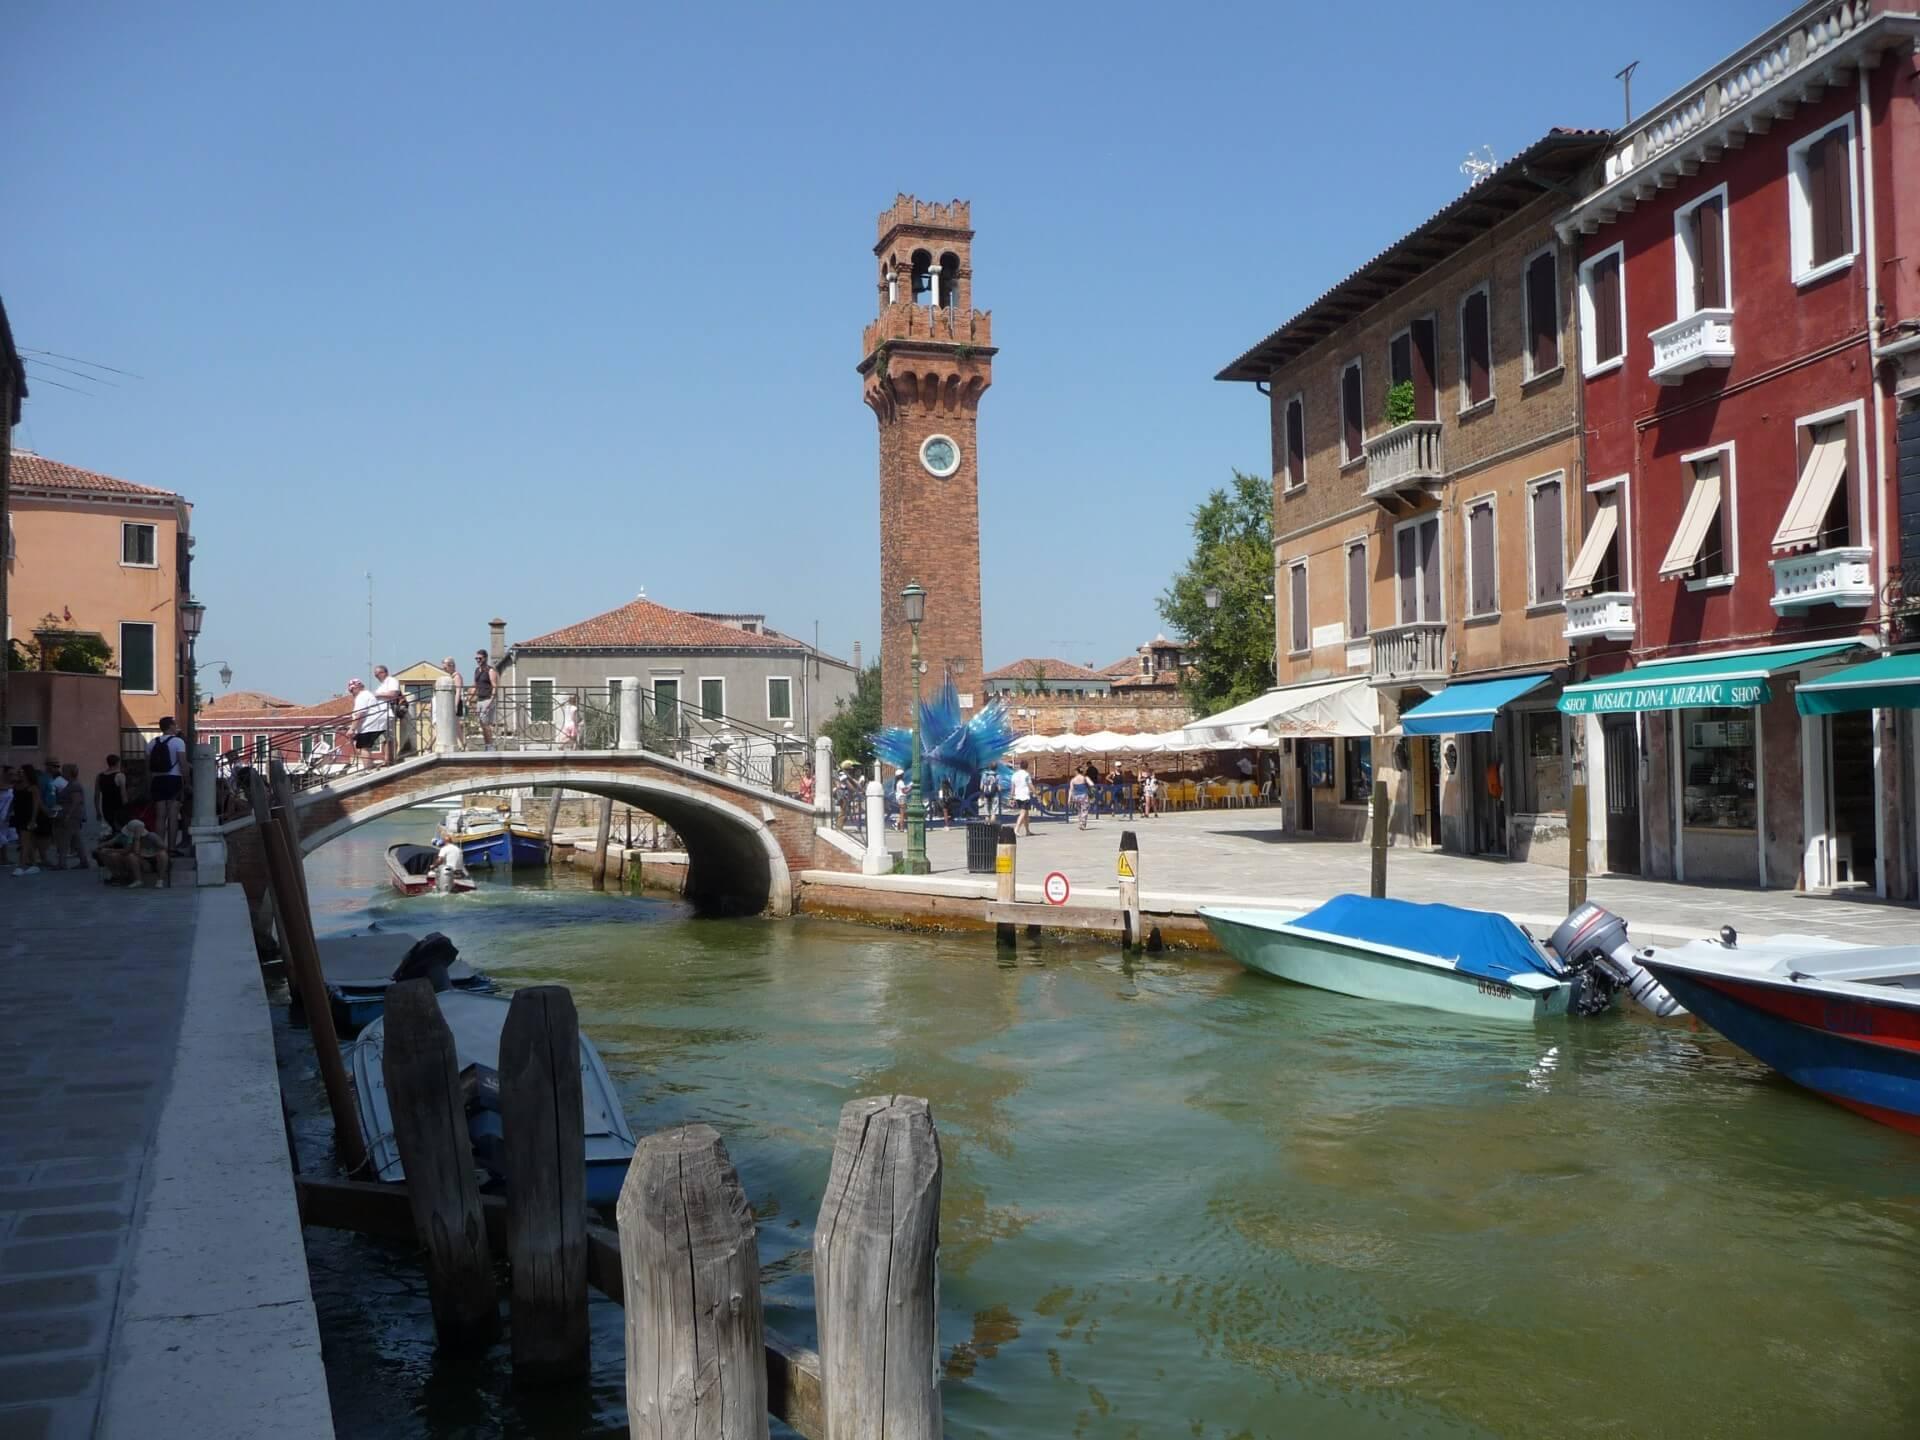 Blick zum Uhrenturm von Murano